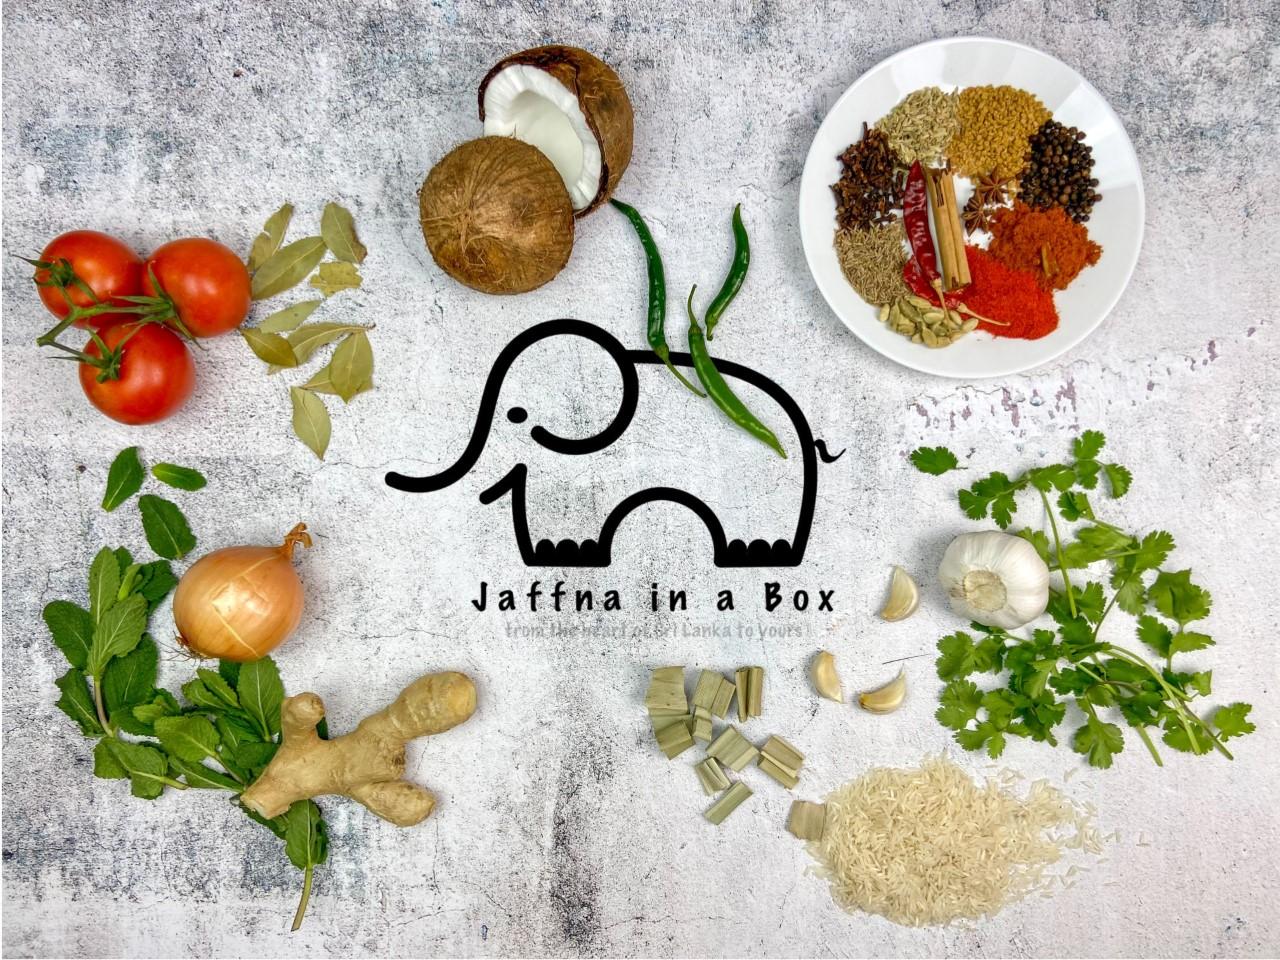 Jaffna in a Box pic 1